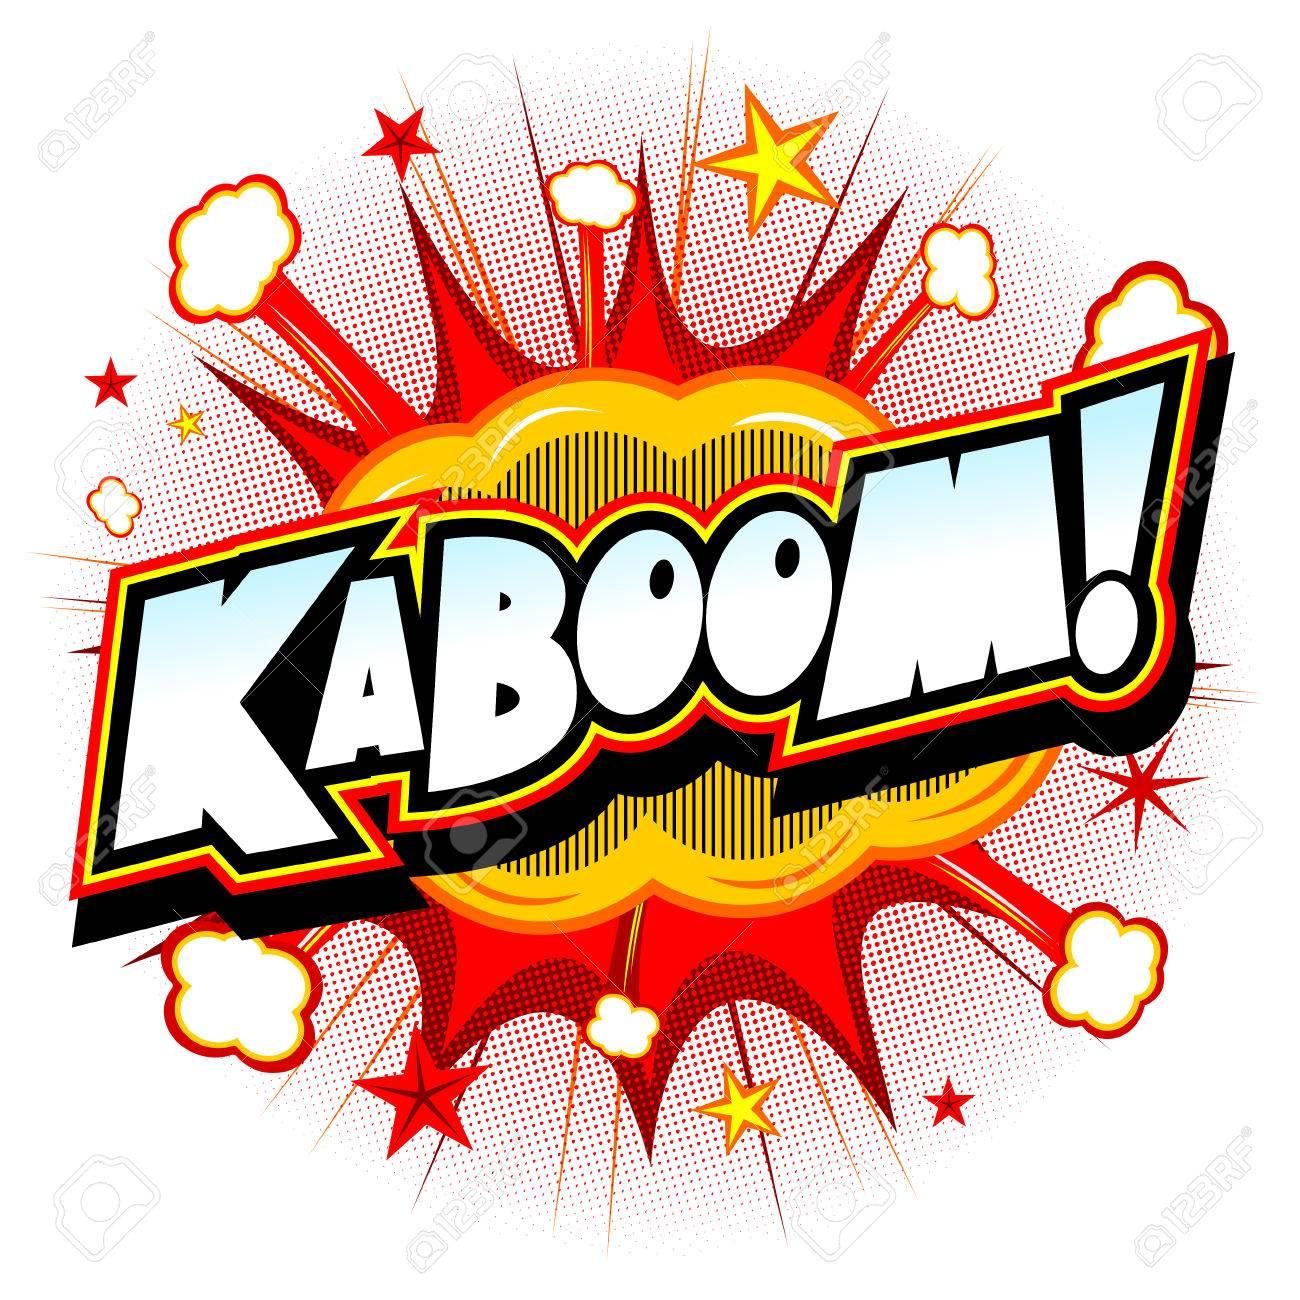 Ilustración de la explosión - Kaboom! Foto de archivo - 83380804